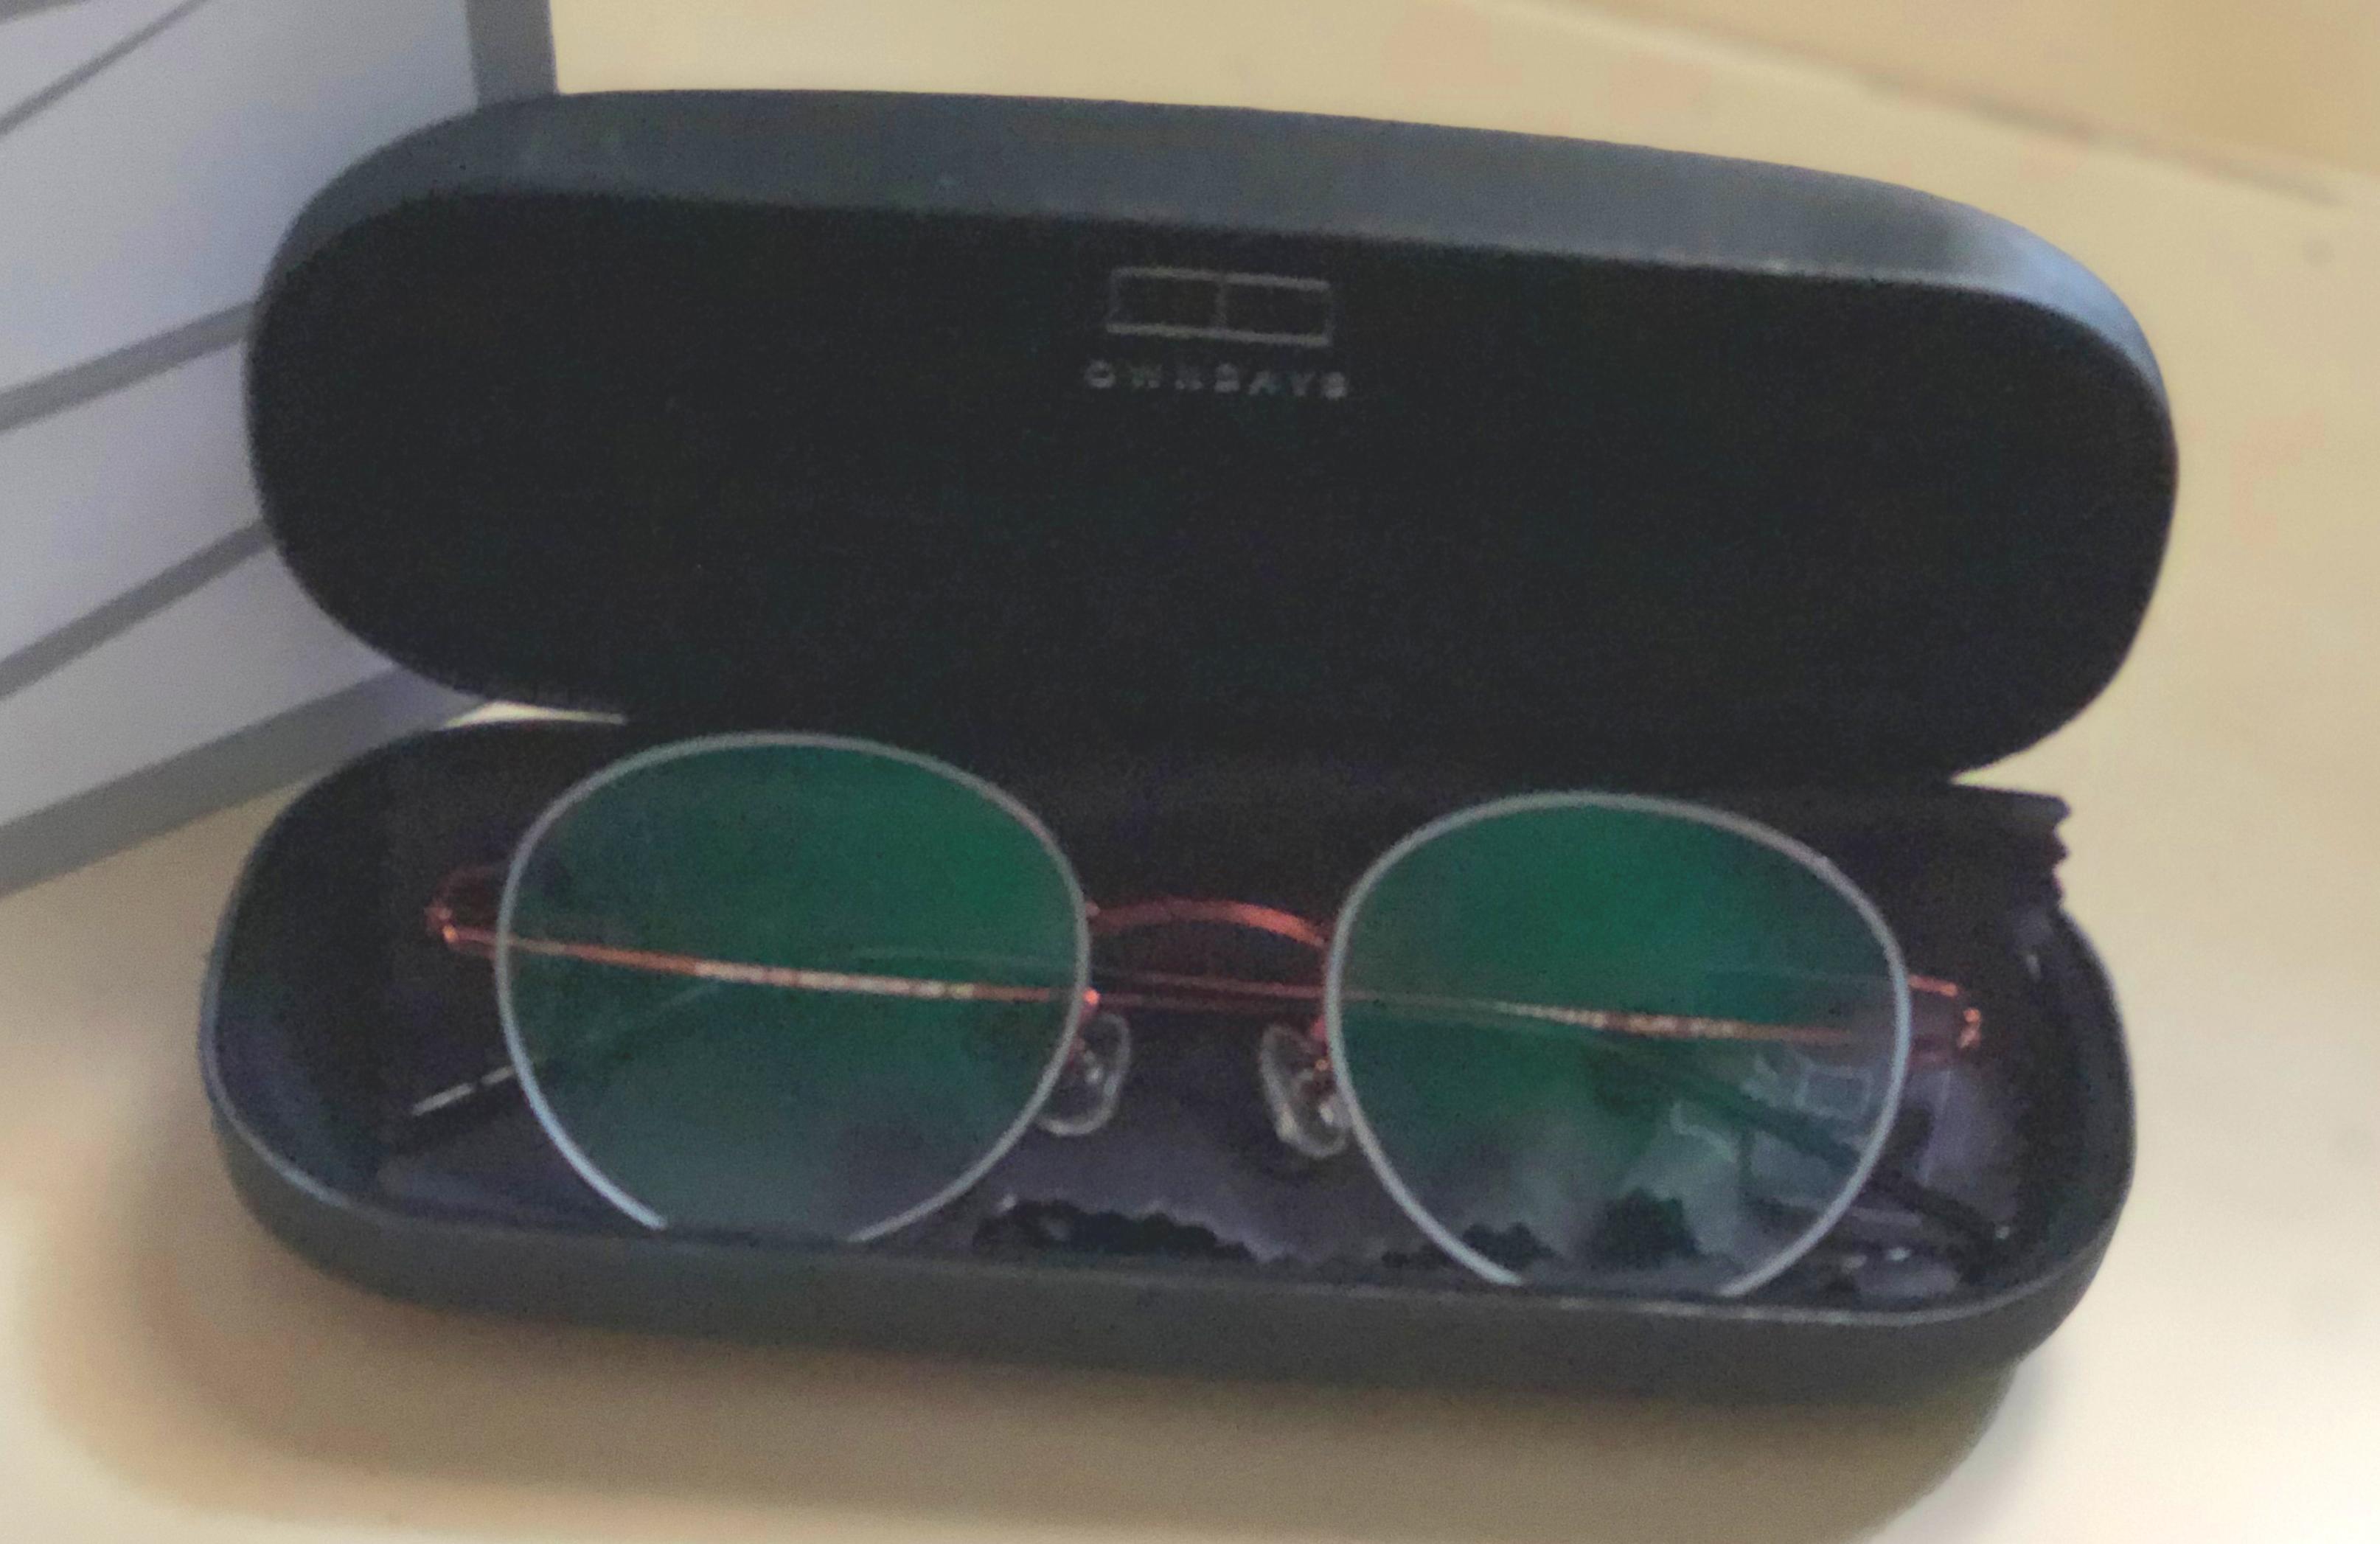 แว่นตา Air Fit OWNDAYS (ภาพถ่ายโดยผู้เขียน)